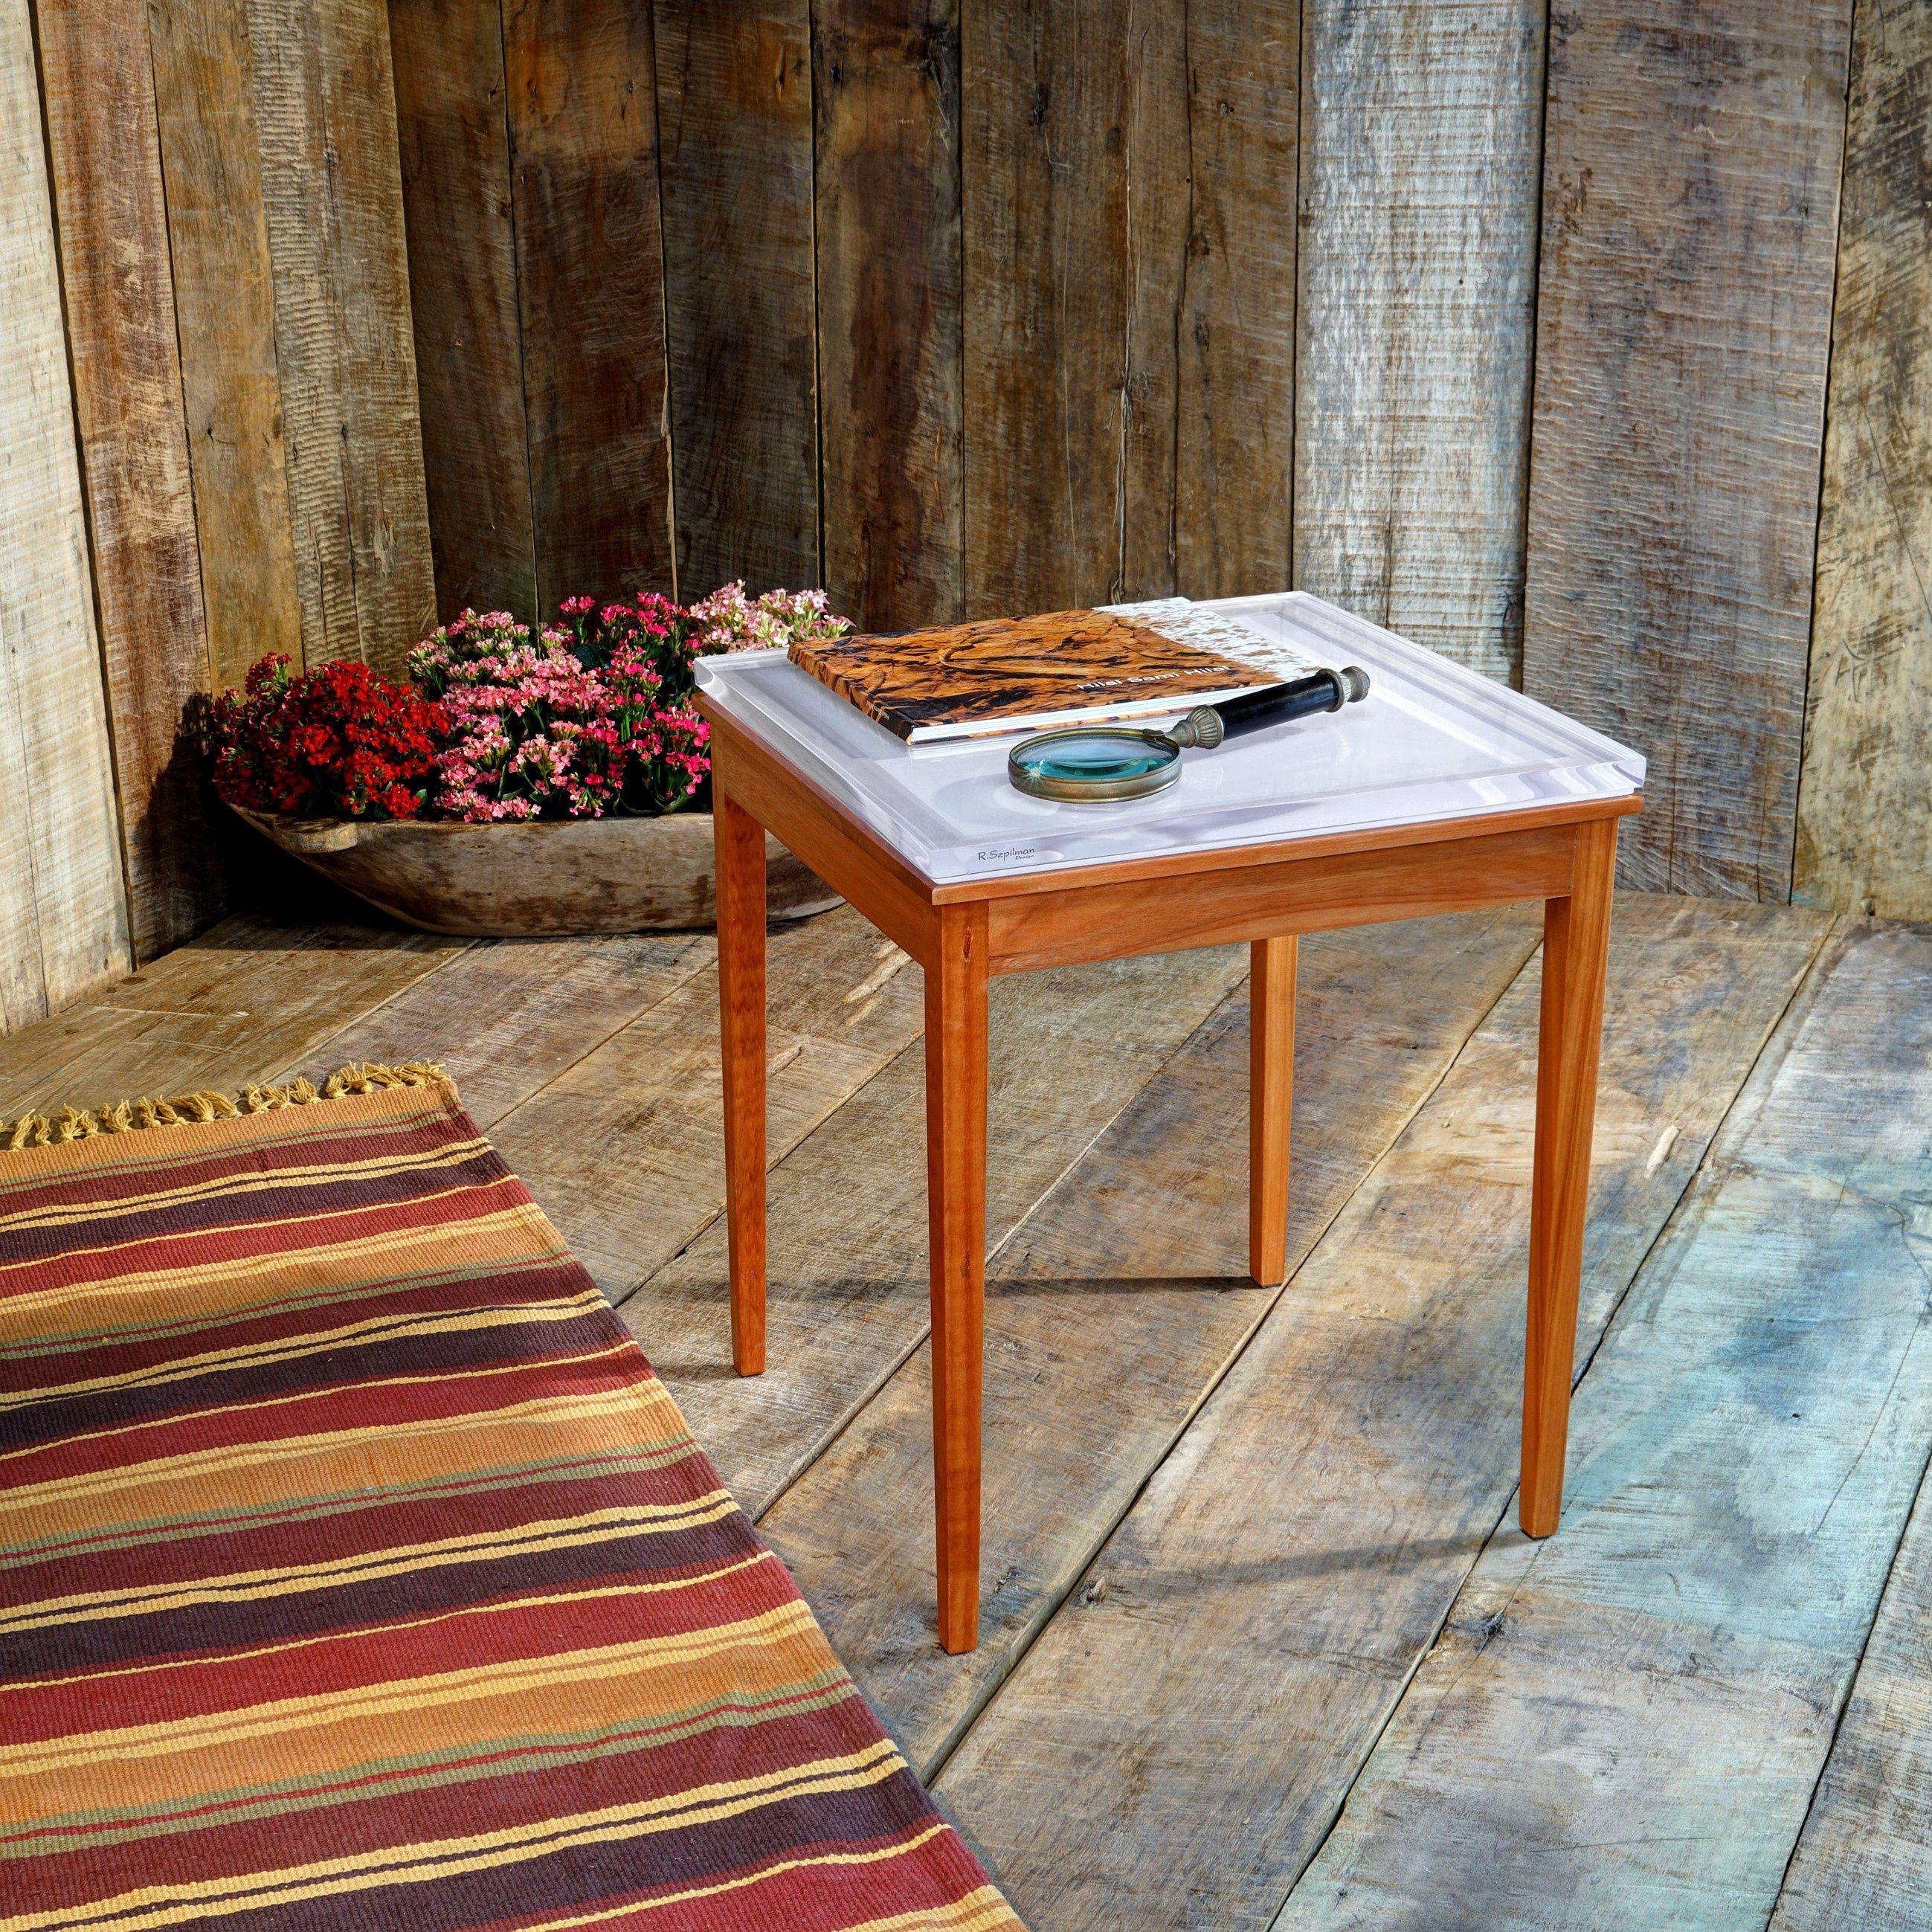 Mesa de Canto (1 tampos) fabricada em resina de poliéster. Passa por um processo de acabamento artesanal que garante a máxima qualidade e durabilidade. A madeira utilizada é de plantios sustentáveis, da marca LYPTUS. Ela recebe um selador e um verniz protetor sem brilho. Isso dá a ela uma proteção à respingos d'água, mas não a torna à prova d'água.